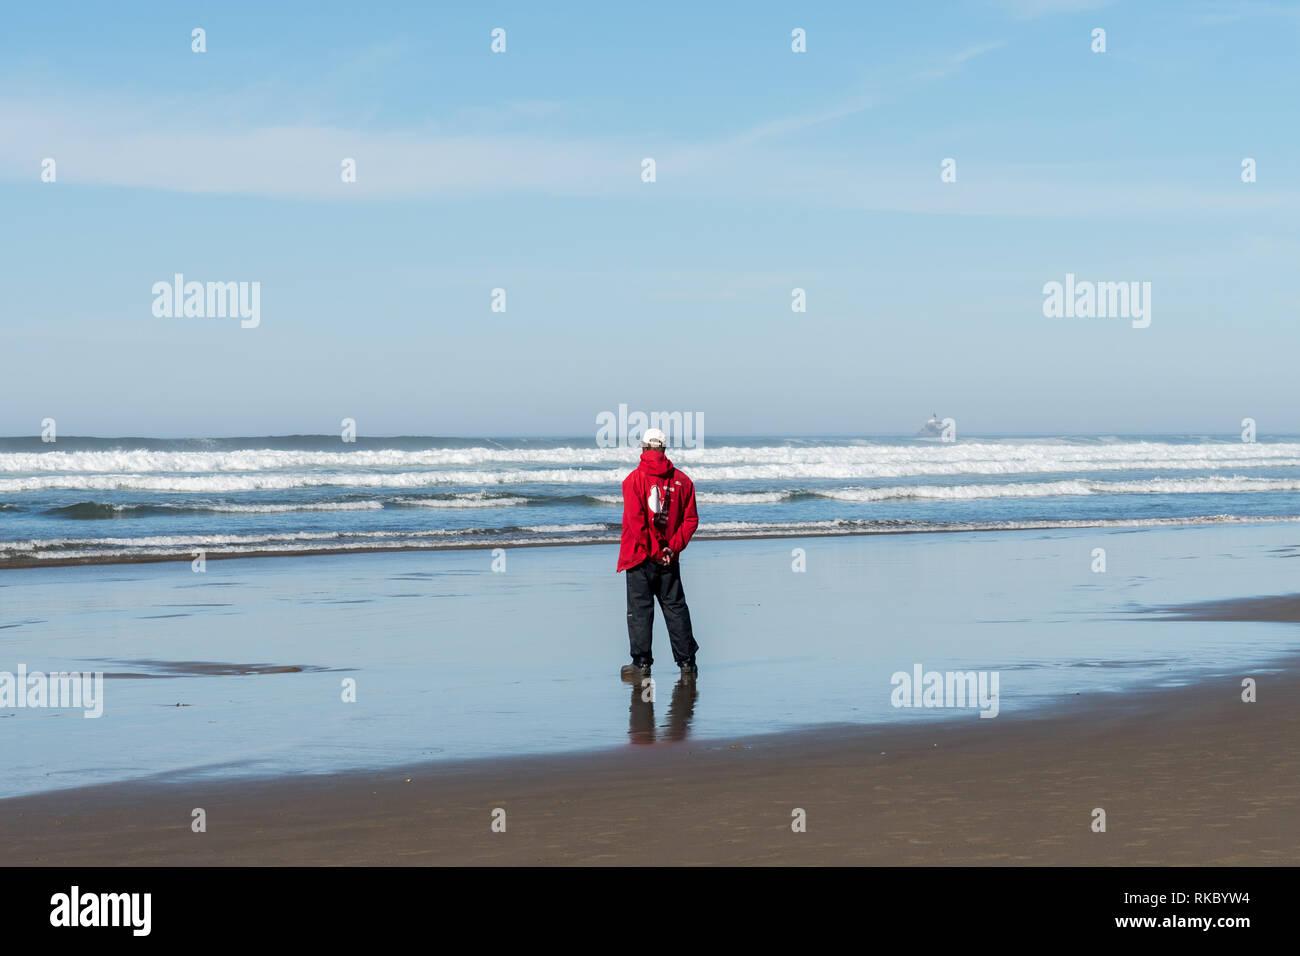 Un membro di Haystack Rock programmi di sensibilizzazione con la sua firma di felpa rossa orologi e osserva l'oceano Immagini Stock